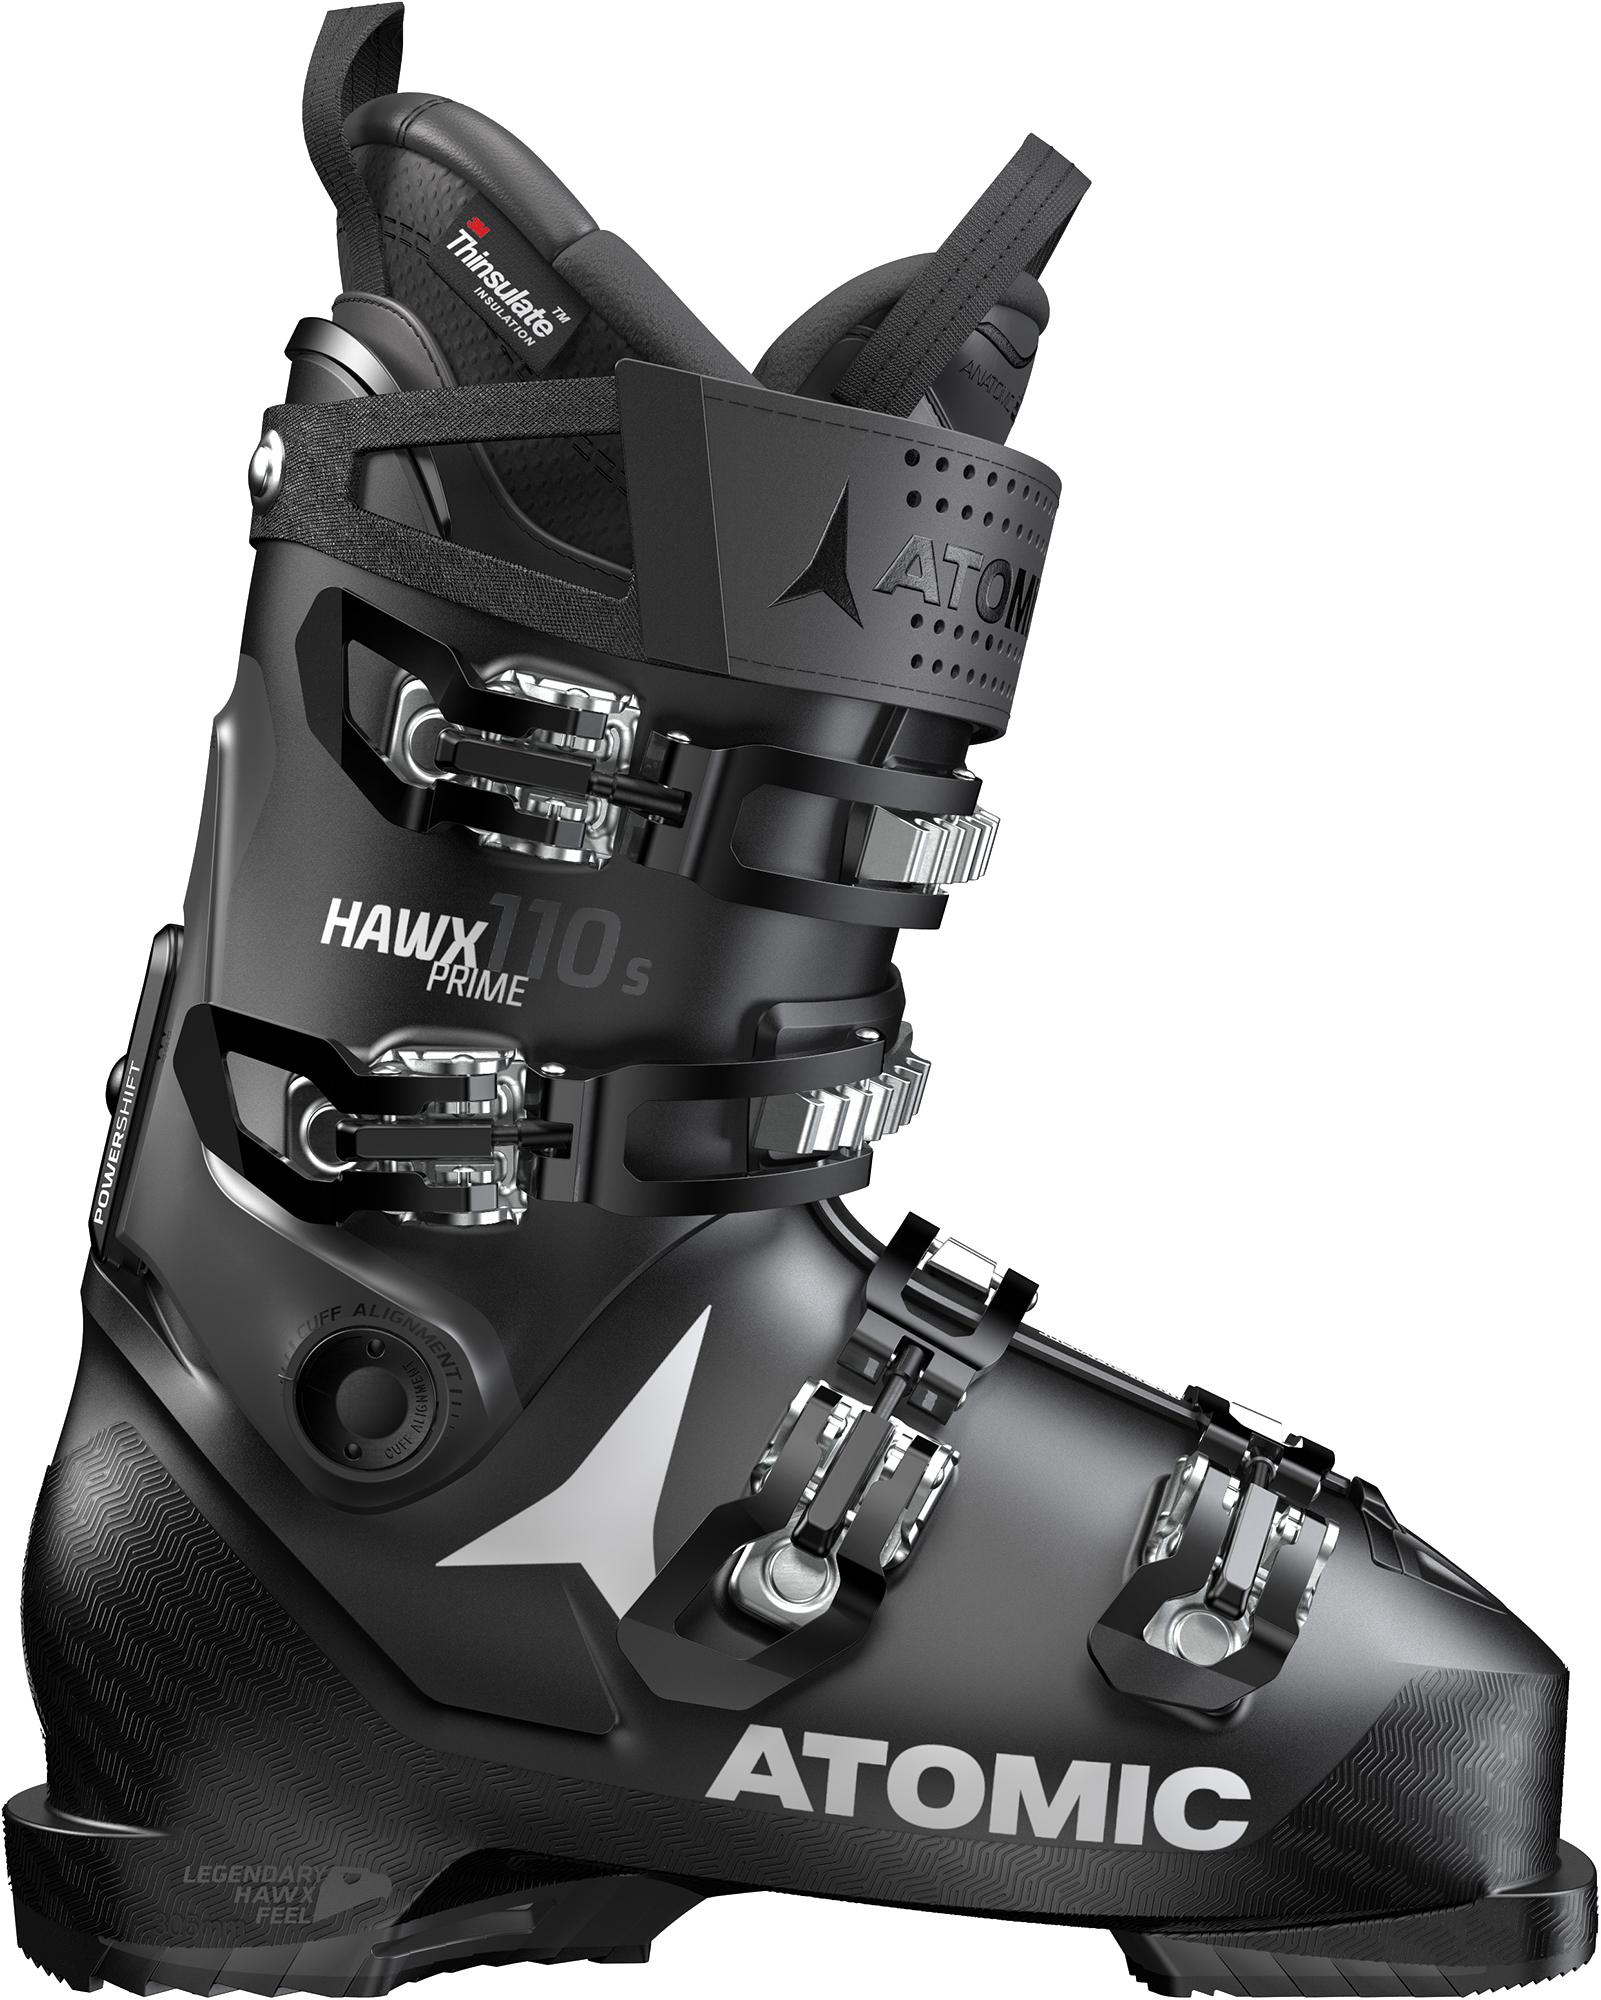 лучшая цена Atomic Ботинки горнолыжные Atomic Hawx Prime 110 S, размер 46